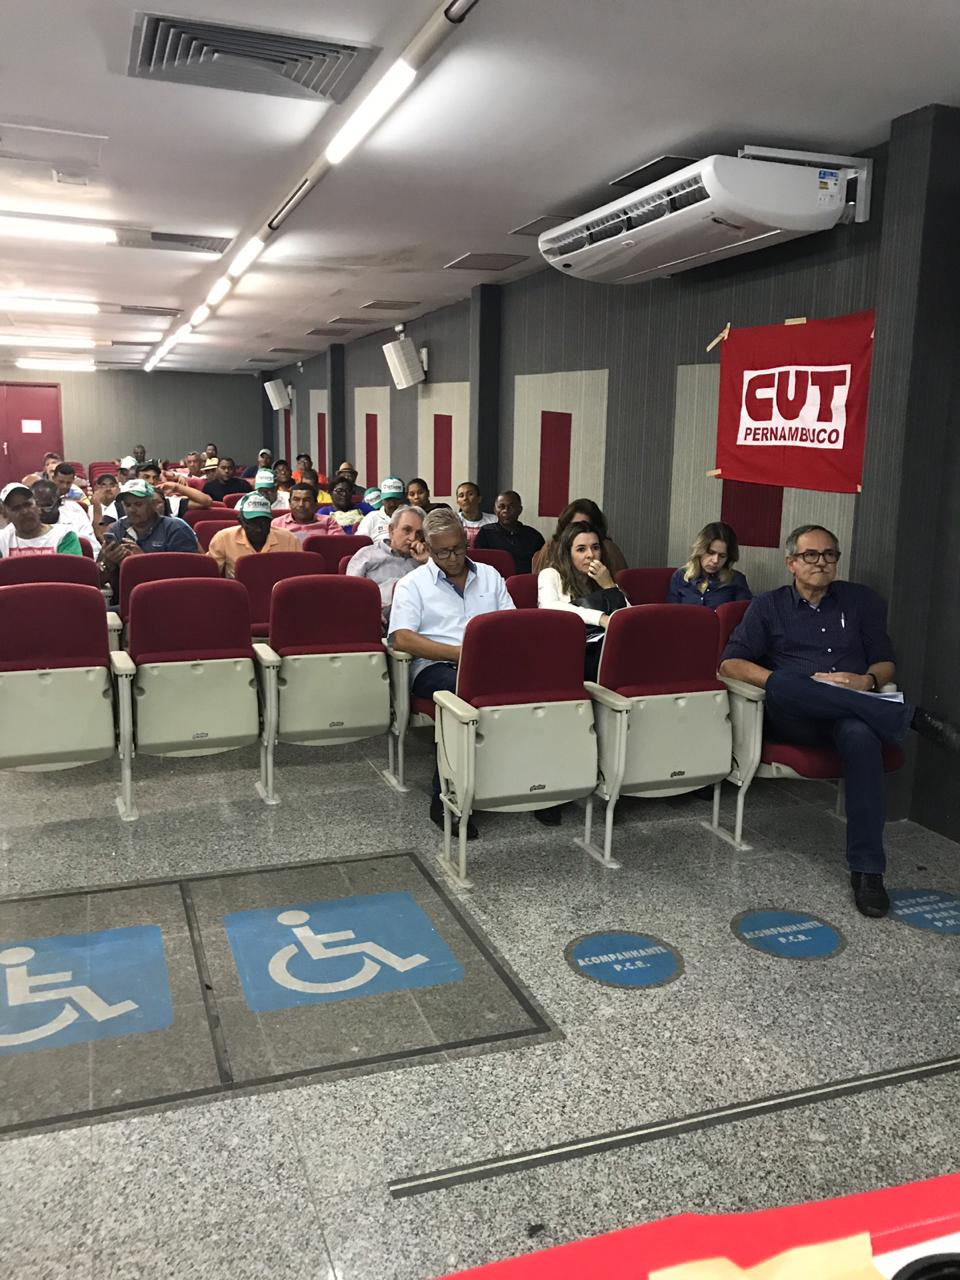 Participando da continuação das negociações da Convenção Trabalhista Rural 2018 com a FETAPE, no Auditório da FUNDACENTRO em Recife/PE,<br/> Renato Cunha, Presidente do SINDAÇÚCAR/PE entre outros, dia 31/outubro/2018